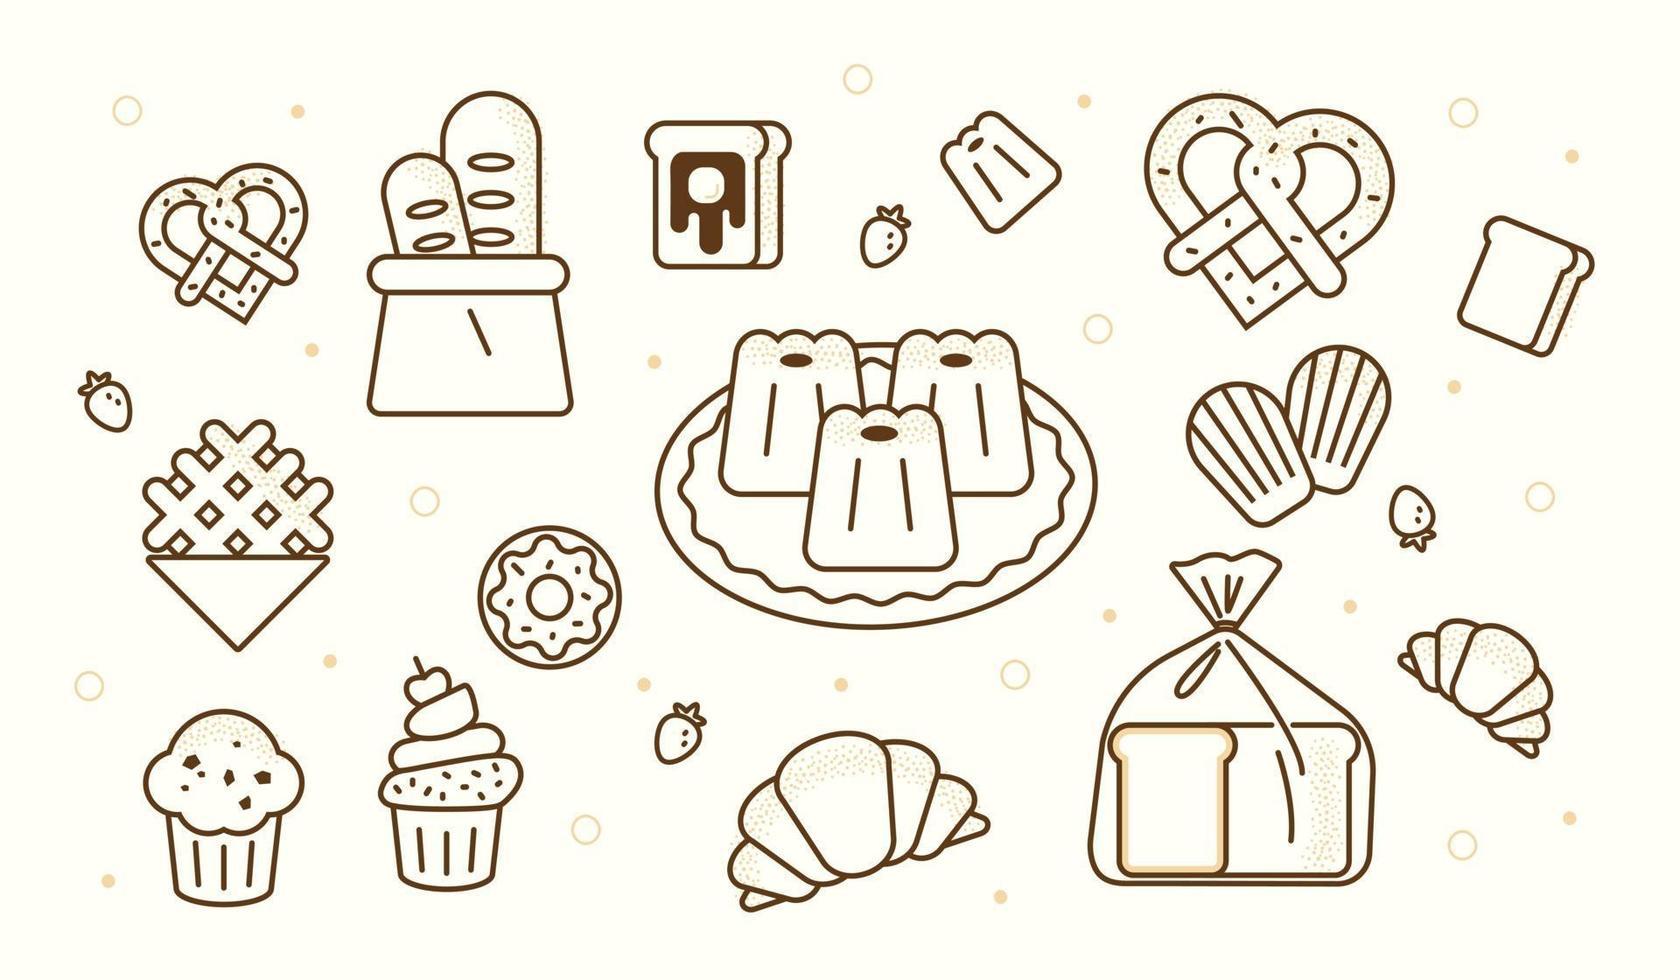 desenho de linha de objeto de padaria deliciosa. ilustração em vetor mínimo estilo design plano.